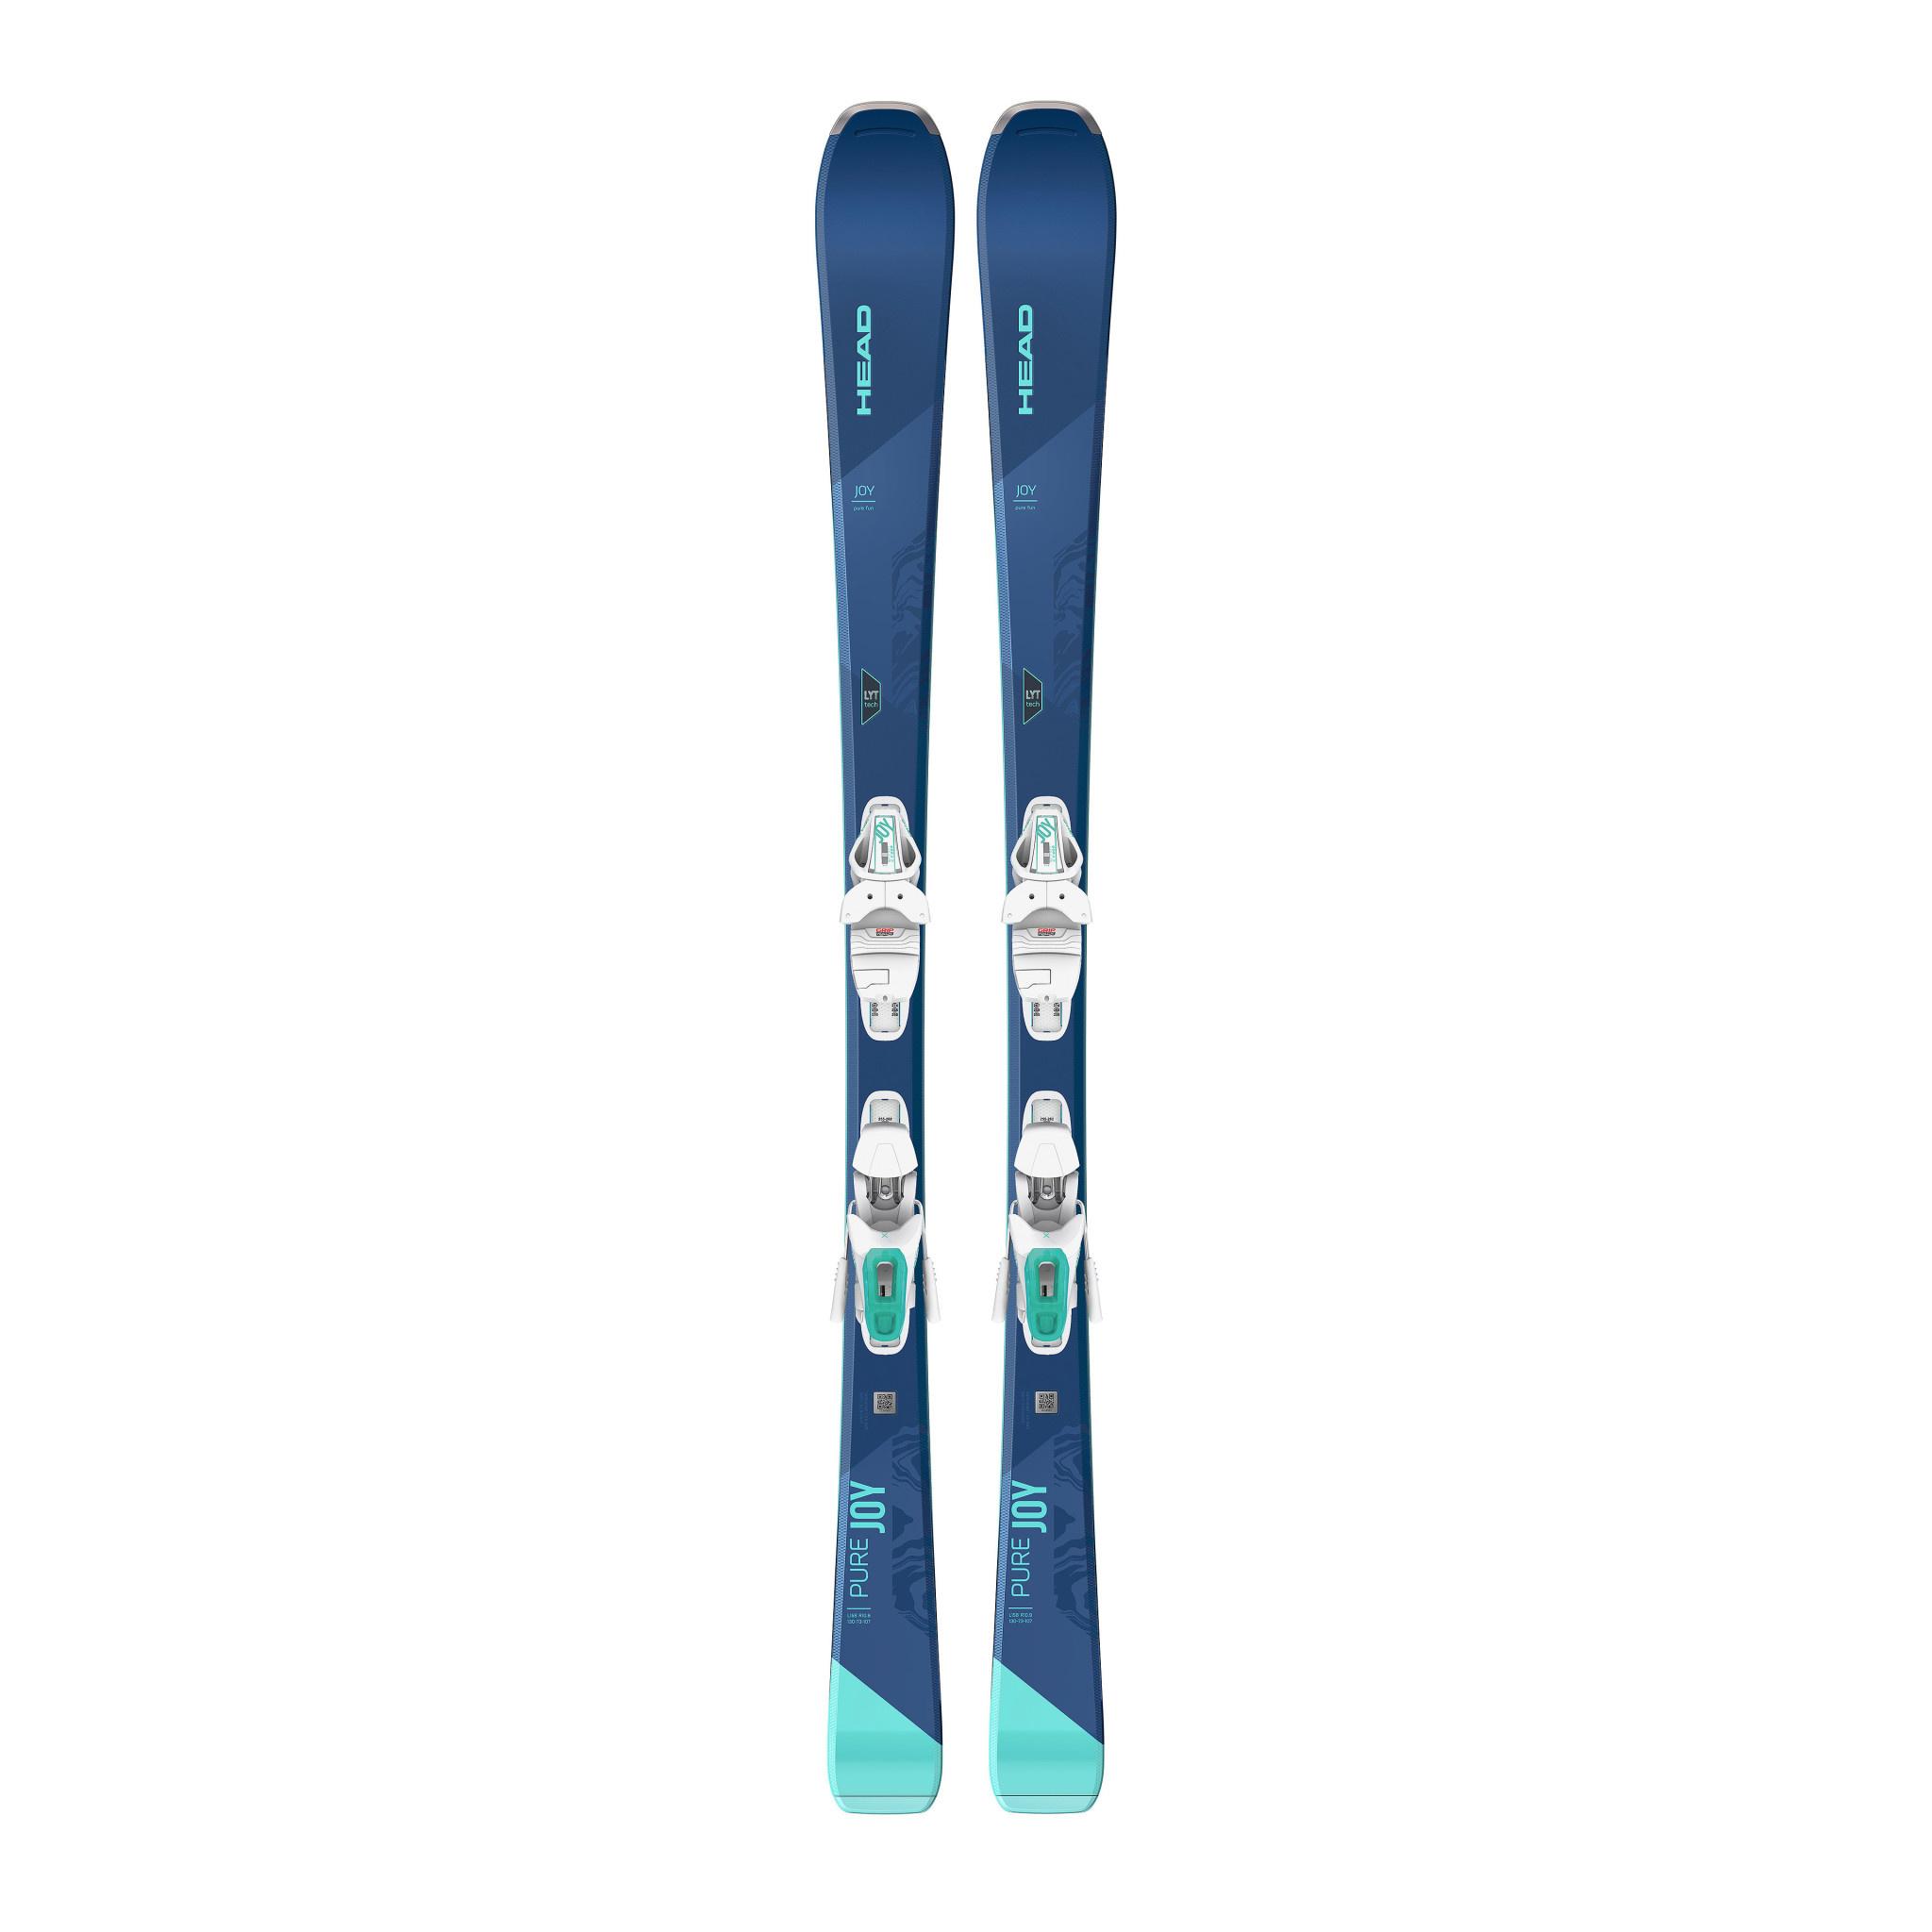 Head Head W's Pure Joy SLR Joy Pro + Joy 9 GW Ski Package